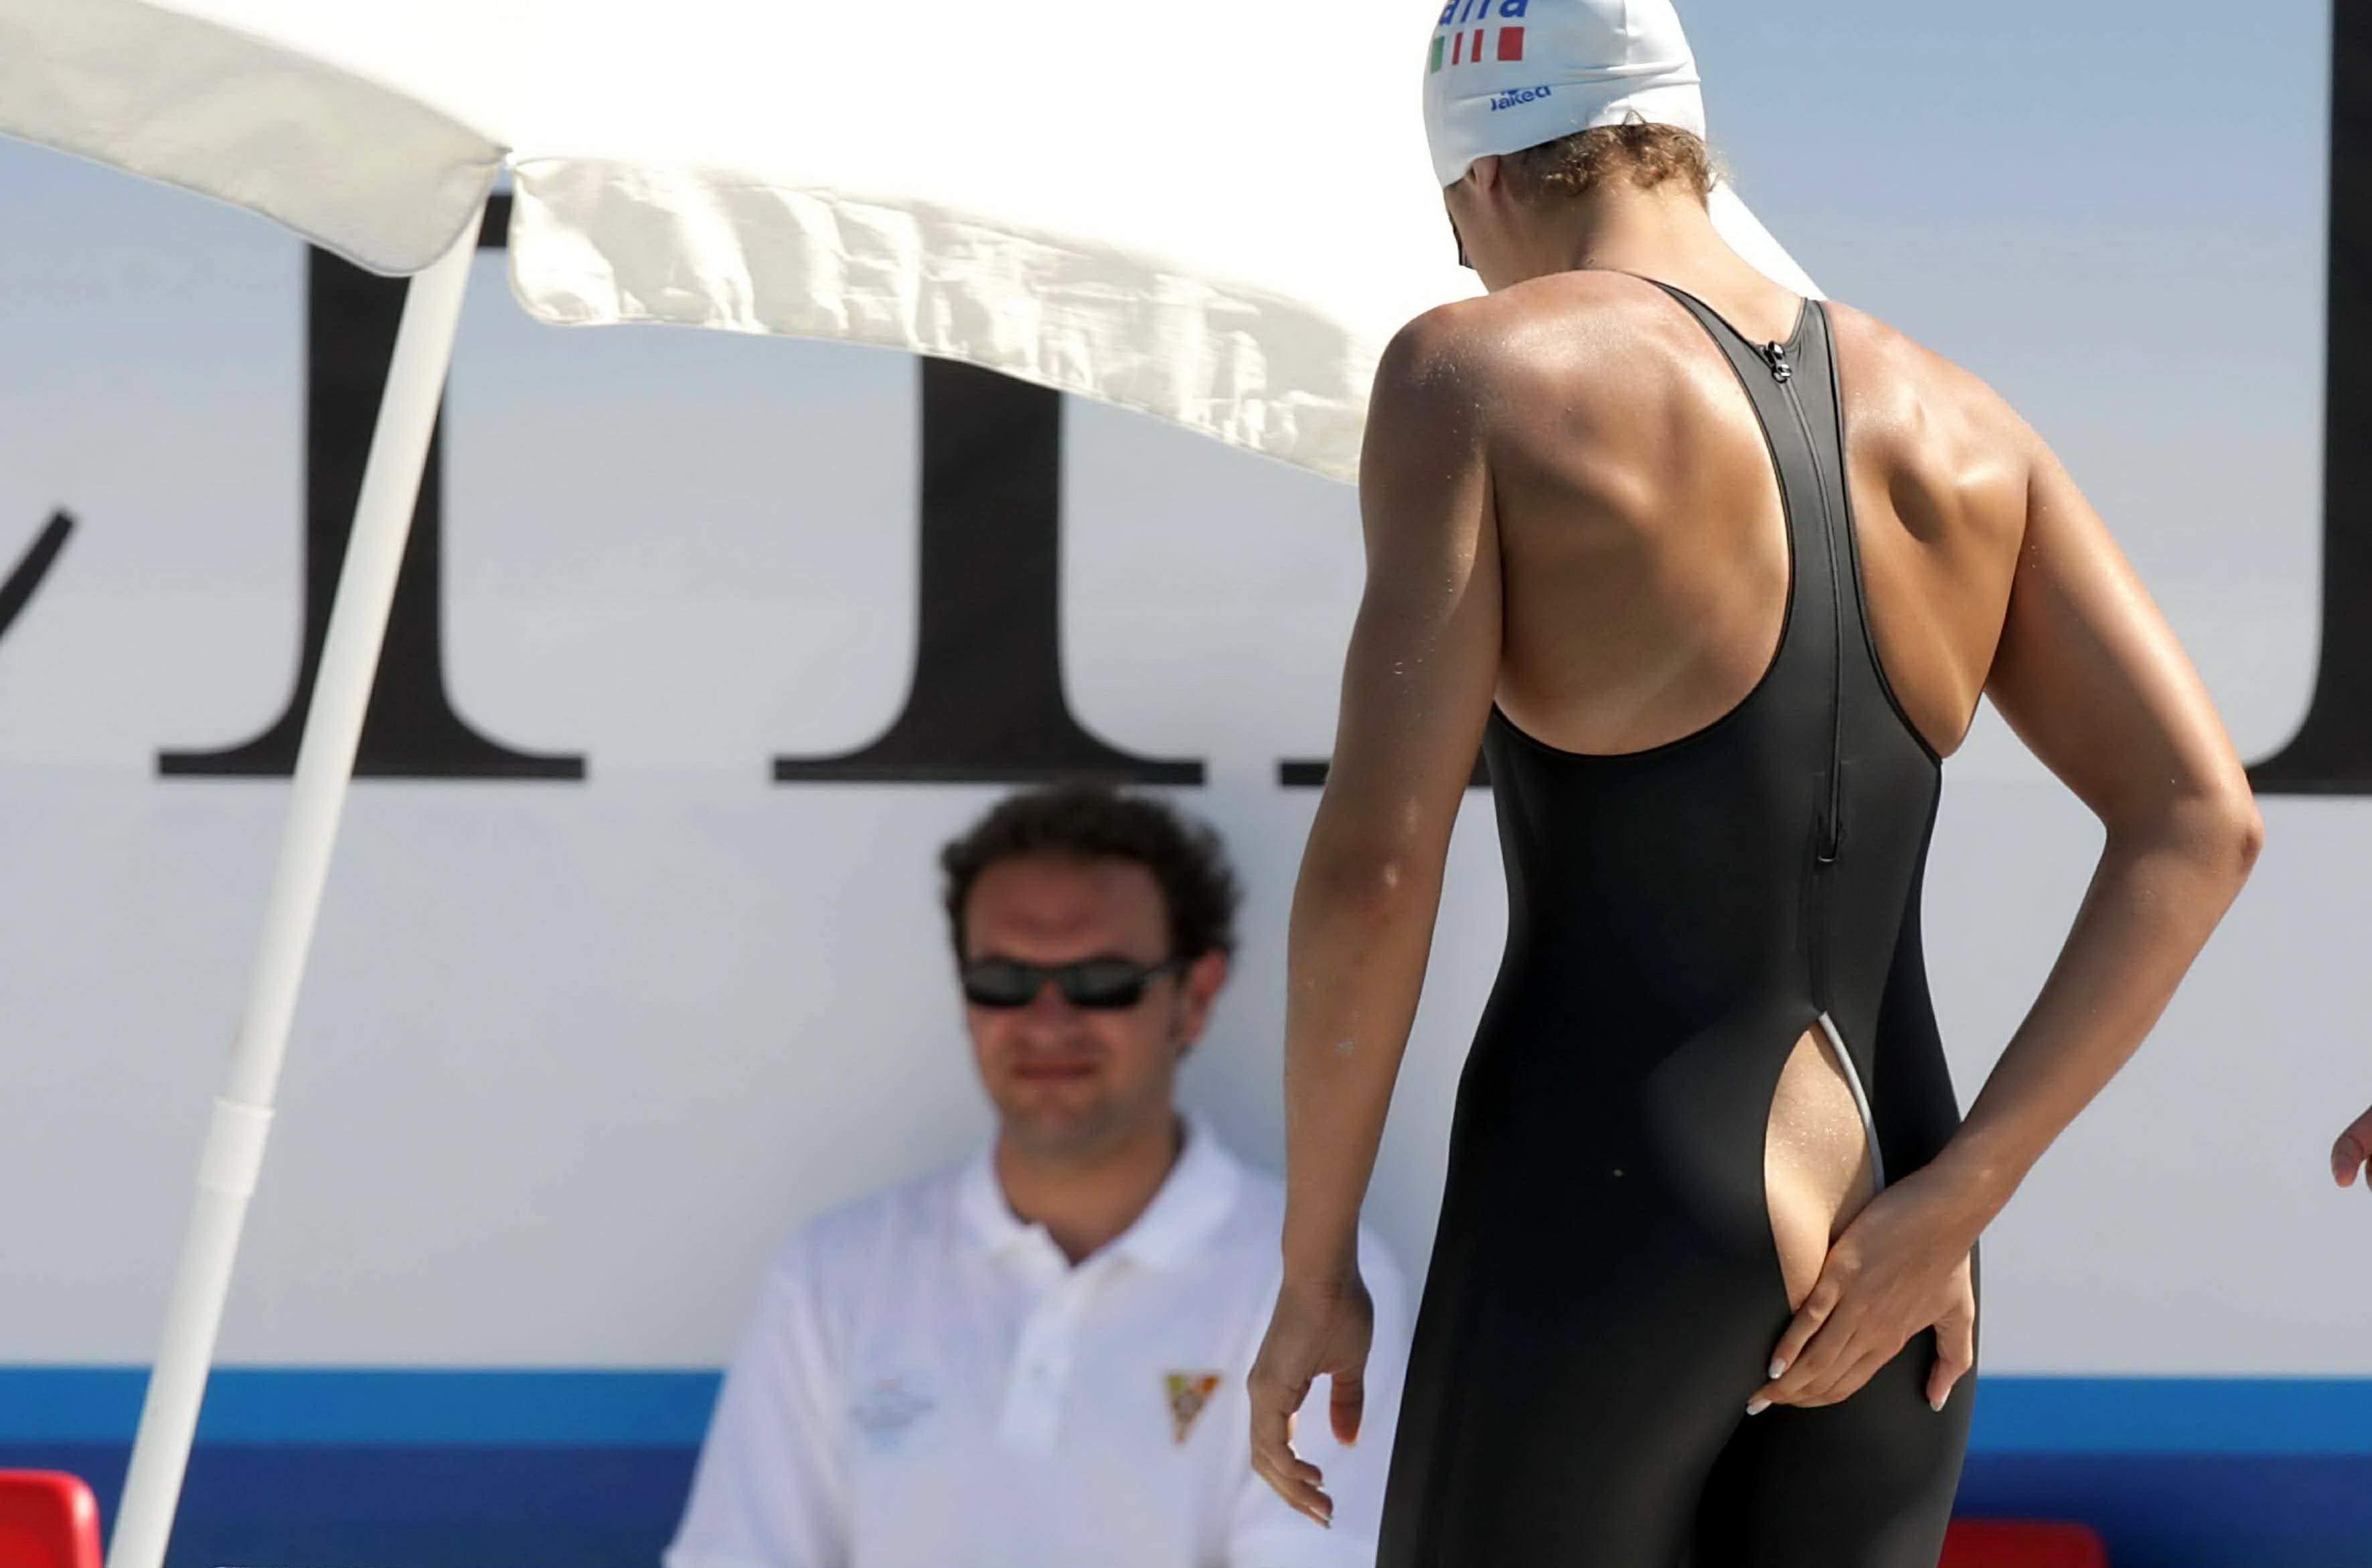 неделю рваные трусы у девушек в спорте права защищены